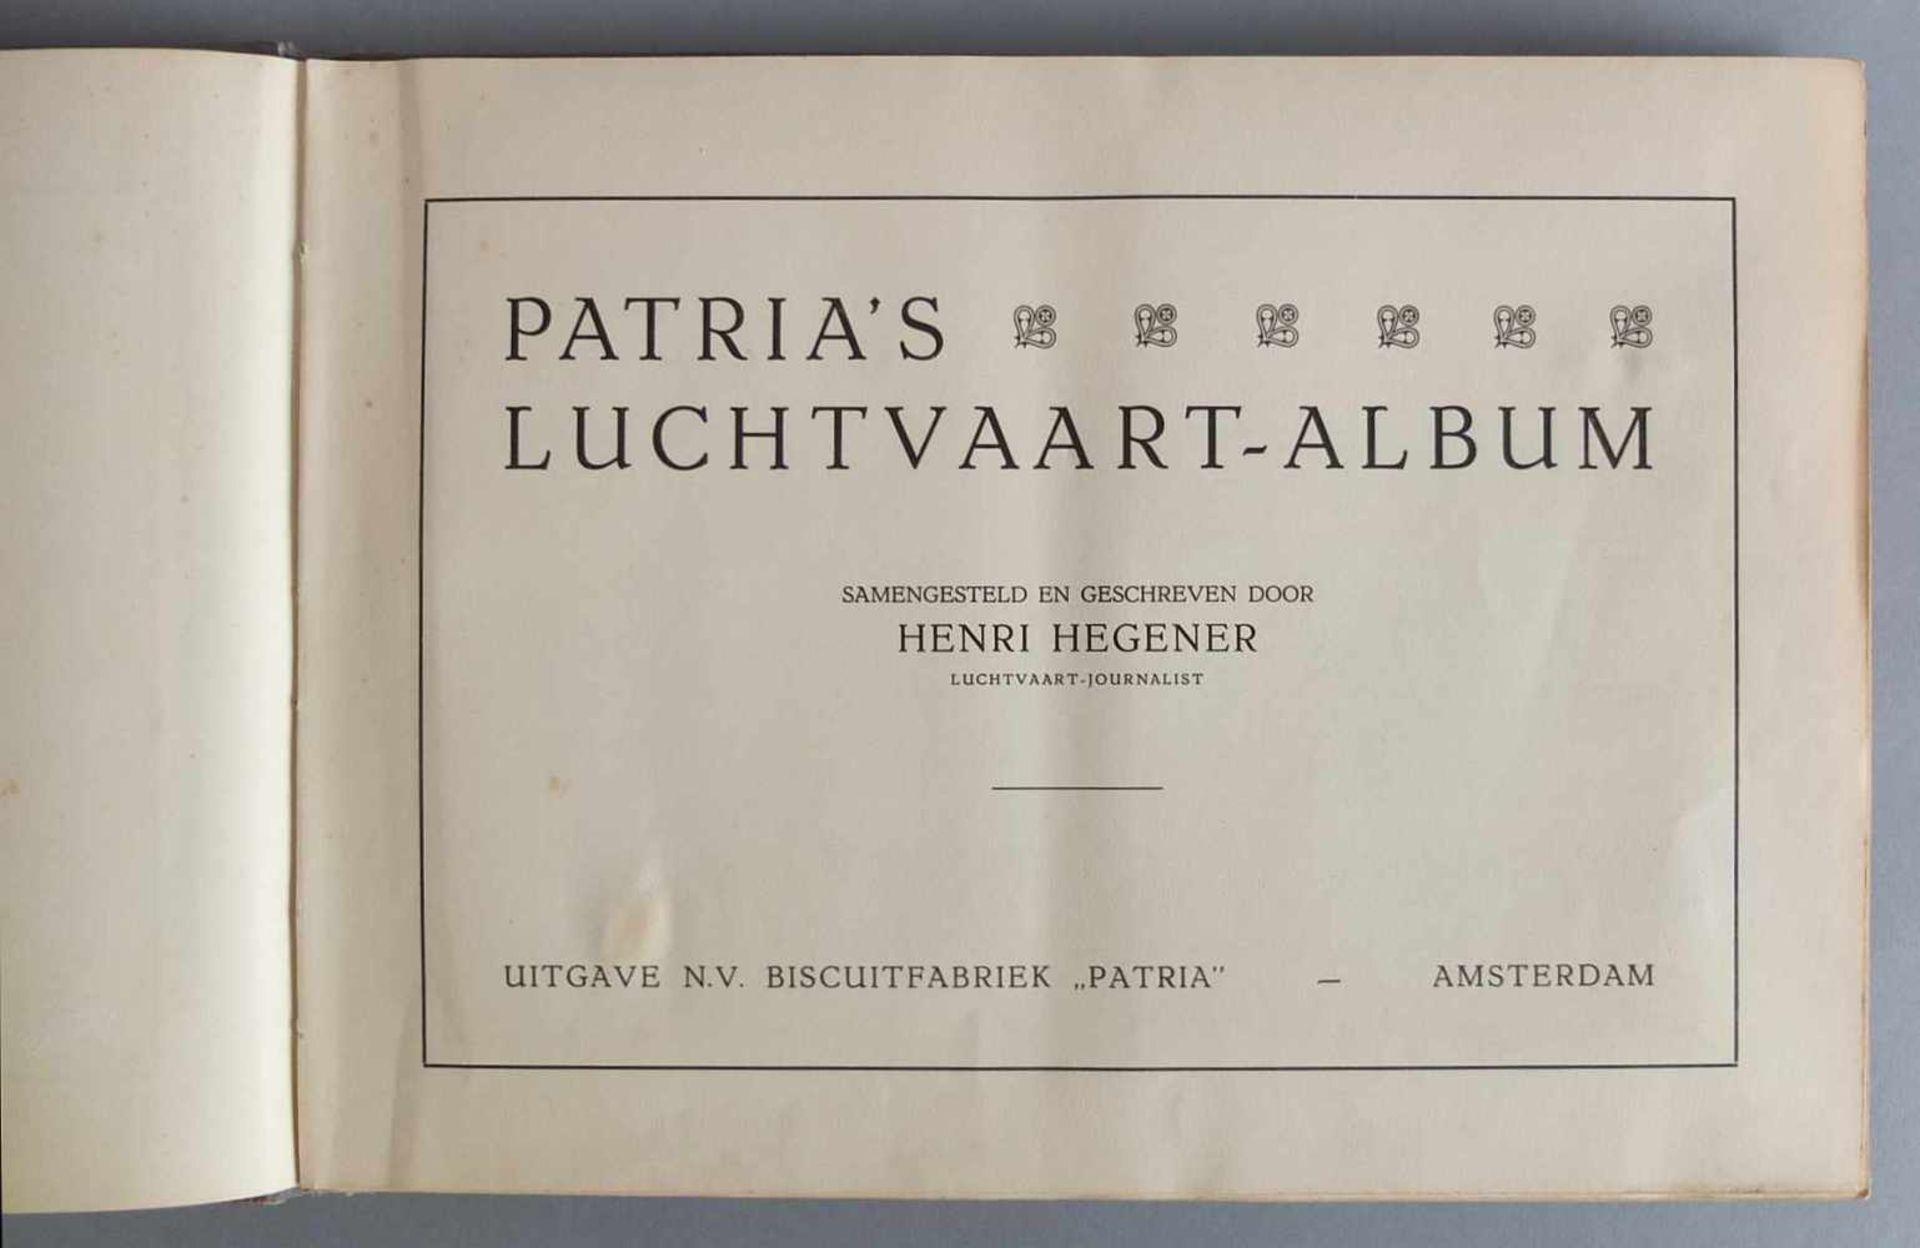 SAMMELALBUM, Patria´s Luchtvaartalbum, Henri Hegener, Amsterdam, 1936, geprägter Leineneinband, - Bild 2 aus 6